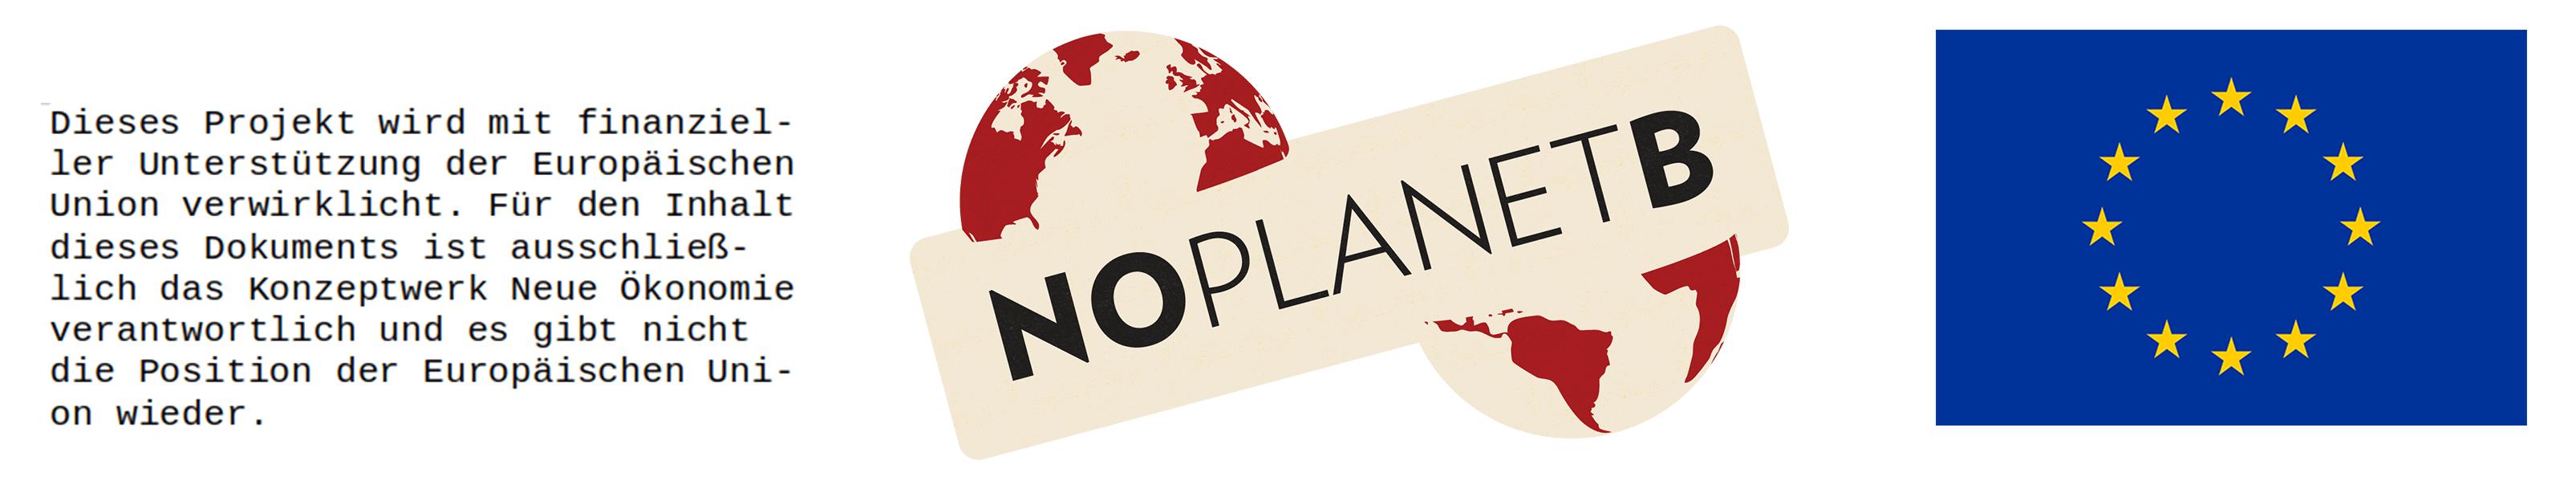 https://www.noplanetb.net/